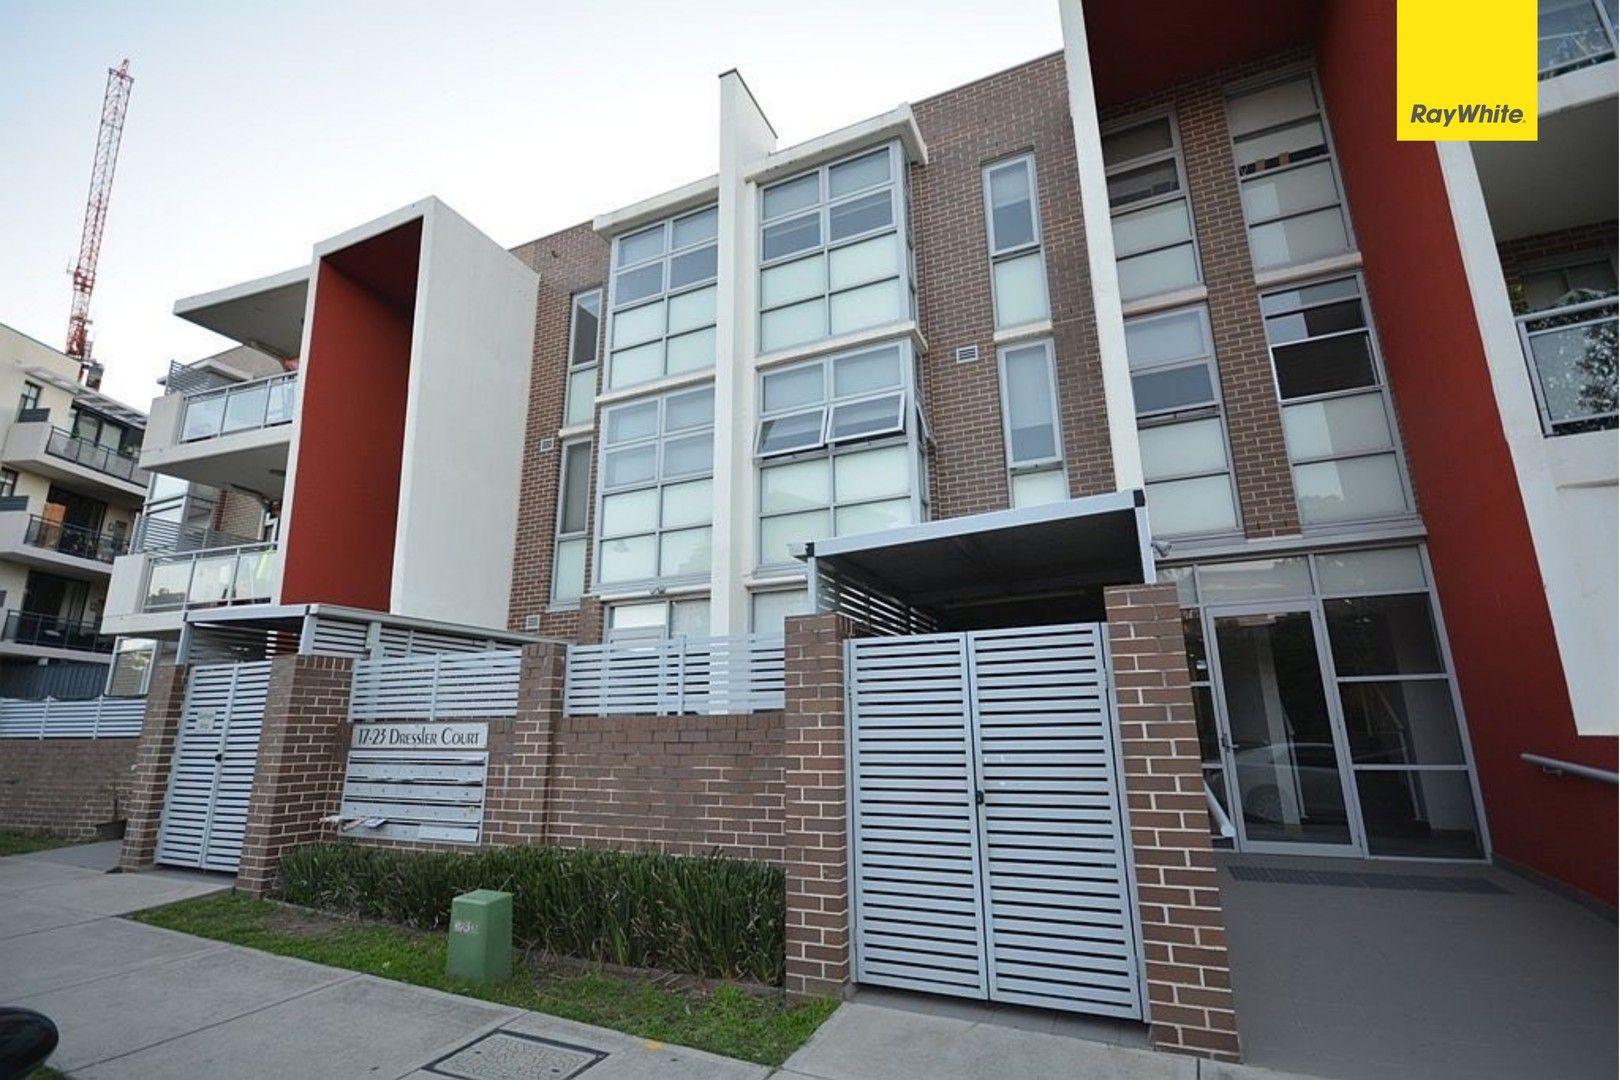 16/17-23 Dressler Court, Merrylands NSW 2160, Image 0